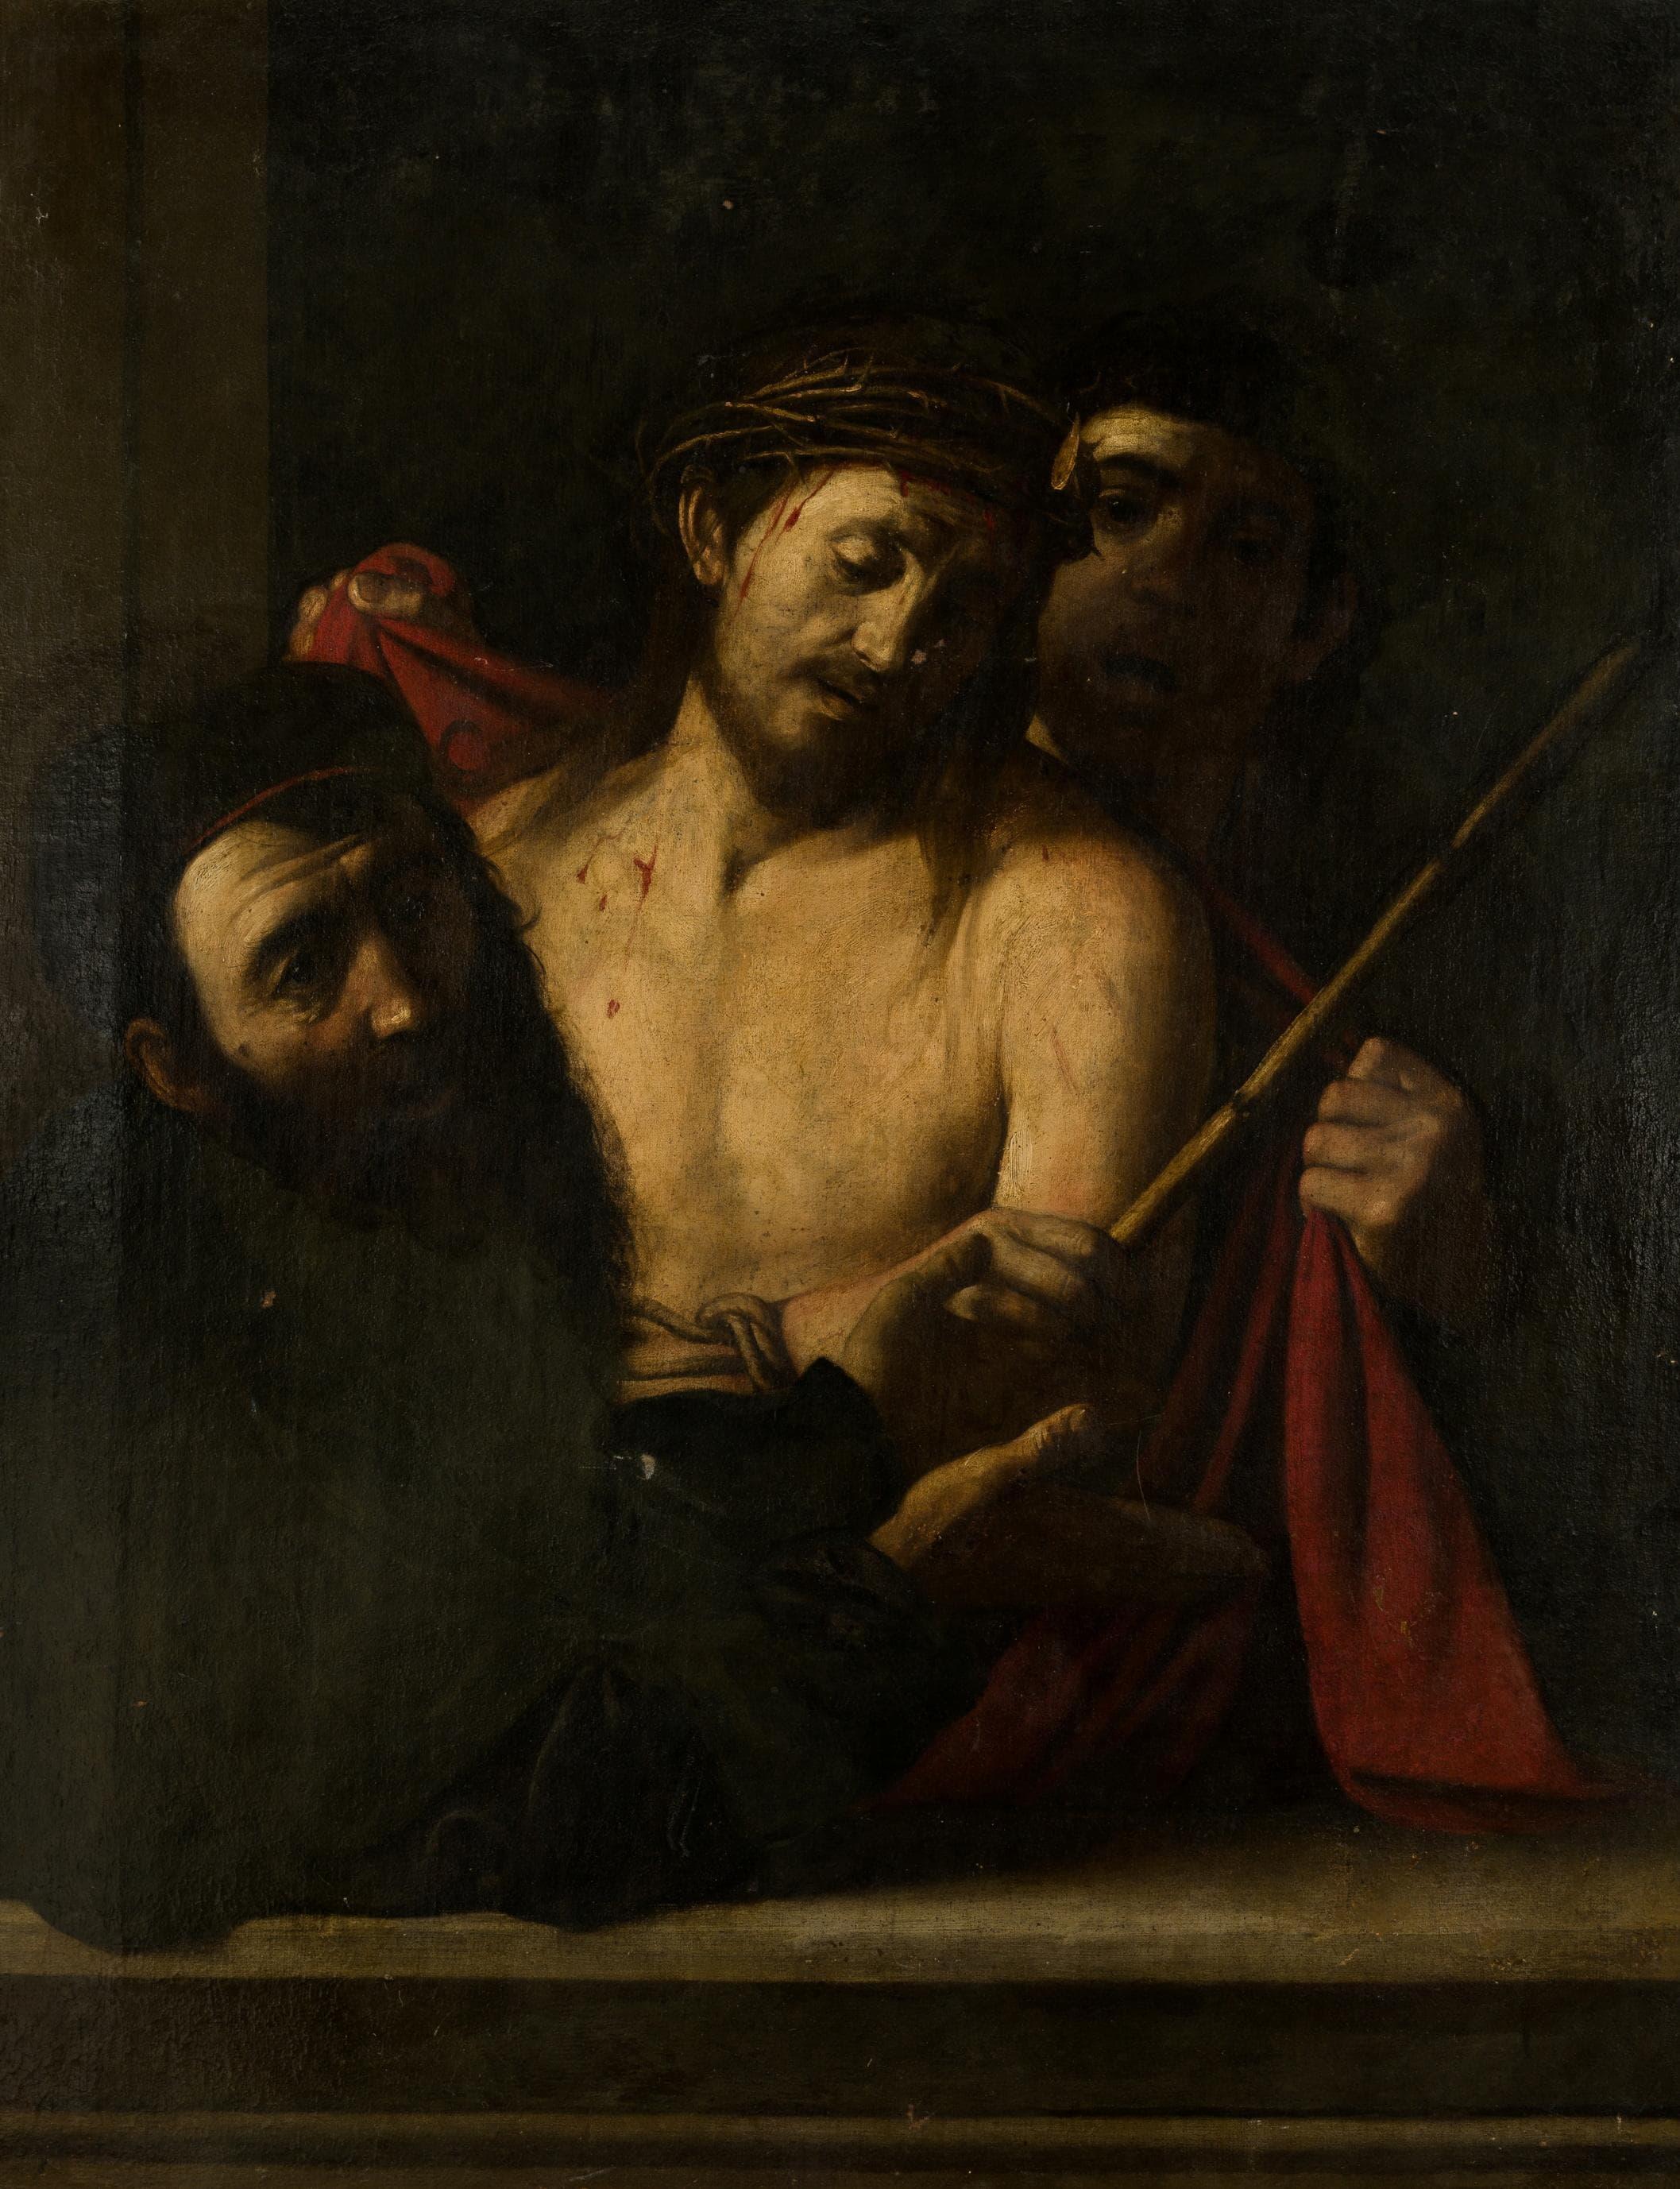 Испанские власти в последний момент сняли с аукциона картину за 1500 евро